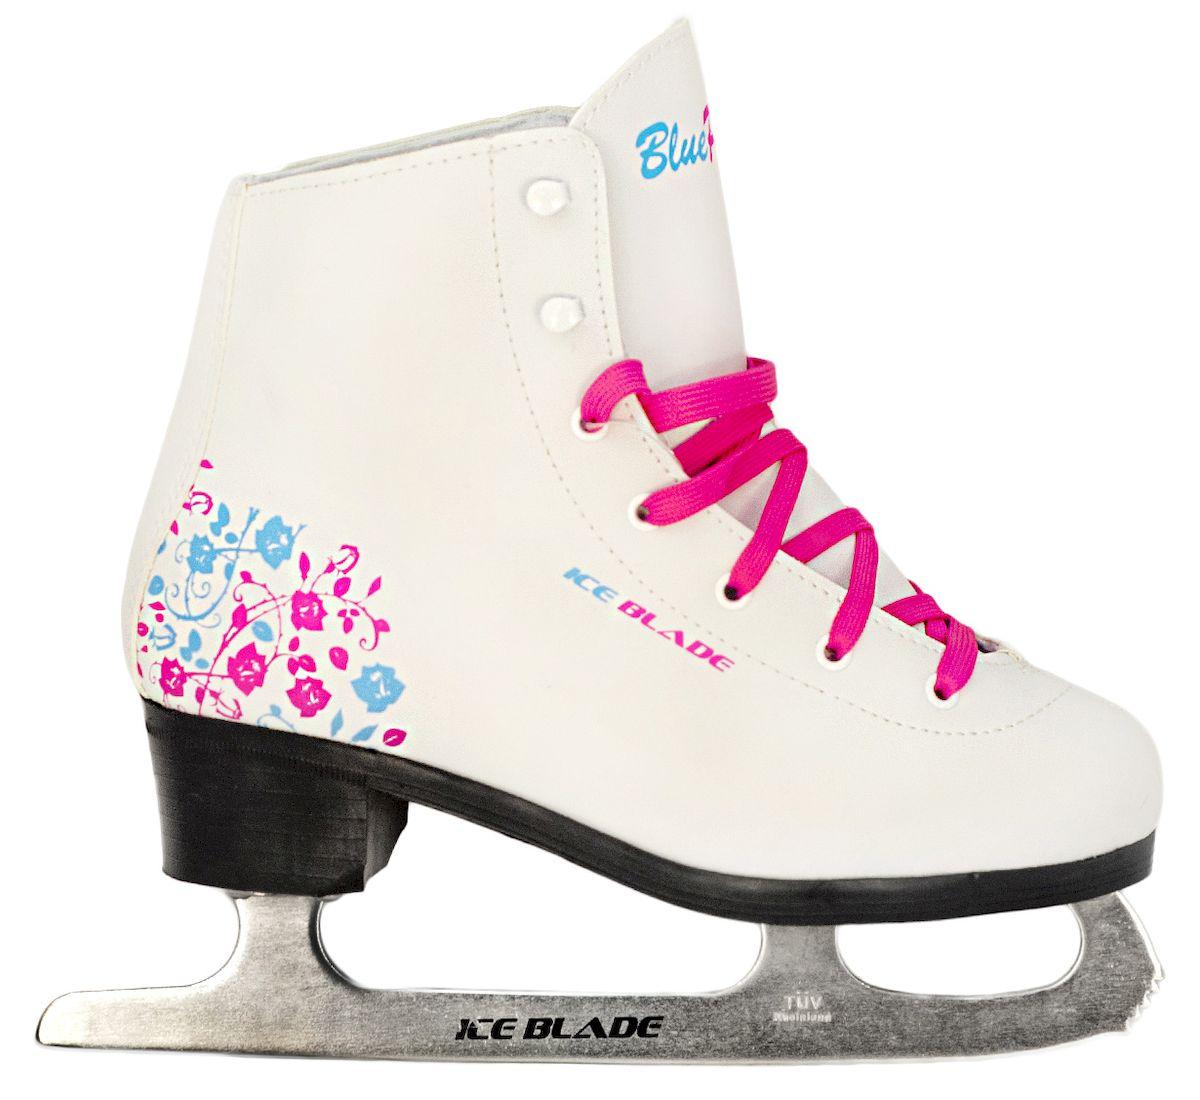 Коньки фигурные Ice Blade BluePink, цвет: белый, розовый, голубой. УТ-00006869. Размер 33УТ-00006869Коньки фигурные Ice Blade BluePink предназначены для любительского фигурного катания. Яркий и нестандартный дизайн модели BluePink совмещает голубой и розовый цвет. Более того, в комплекте помимо розовых шнурков идет пара голубых, пусть каждая любительница катания на коньках выберет для себя, какой цвет ей больше по душе.Ботинок анатомической конструкции выполнен из высококачественной искусственной кожи, покрытой полиуретаном, защищающим от влаги. Внутренняя набивка из специального материала, комфортно адаптирующегося к форме ноги. Внутренняя отделка из мягкого вельвета.Лезвия изготовлены из высокоуглеродистой стали, сертифицированной TUV Rheiland. Коньки поставляются с заводской заточкой лезвия, что позволяет сразу приступить к катанию, не тратя время и денег на заточку. Коньки подходят для использования на открытом и закрытом льду.